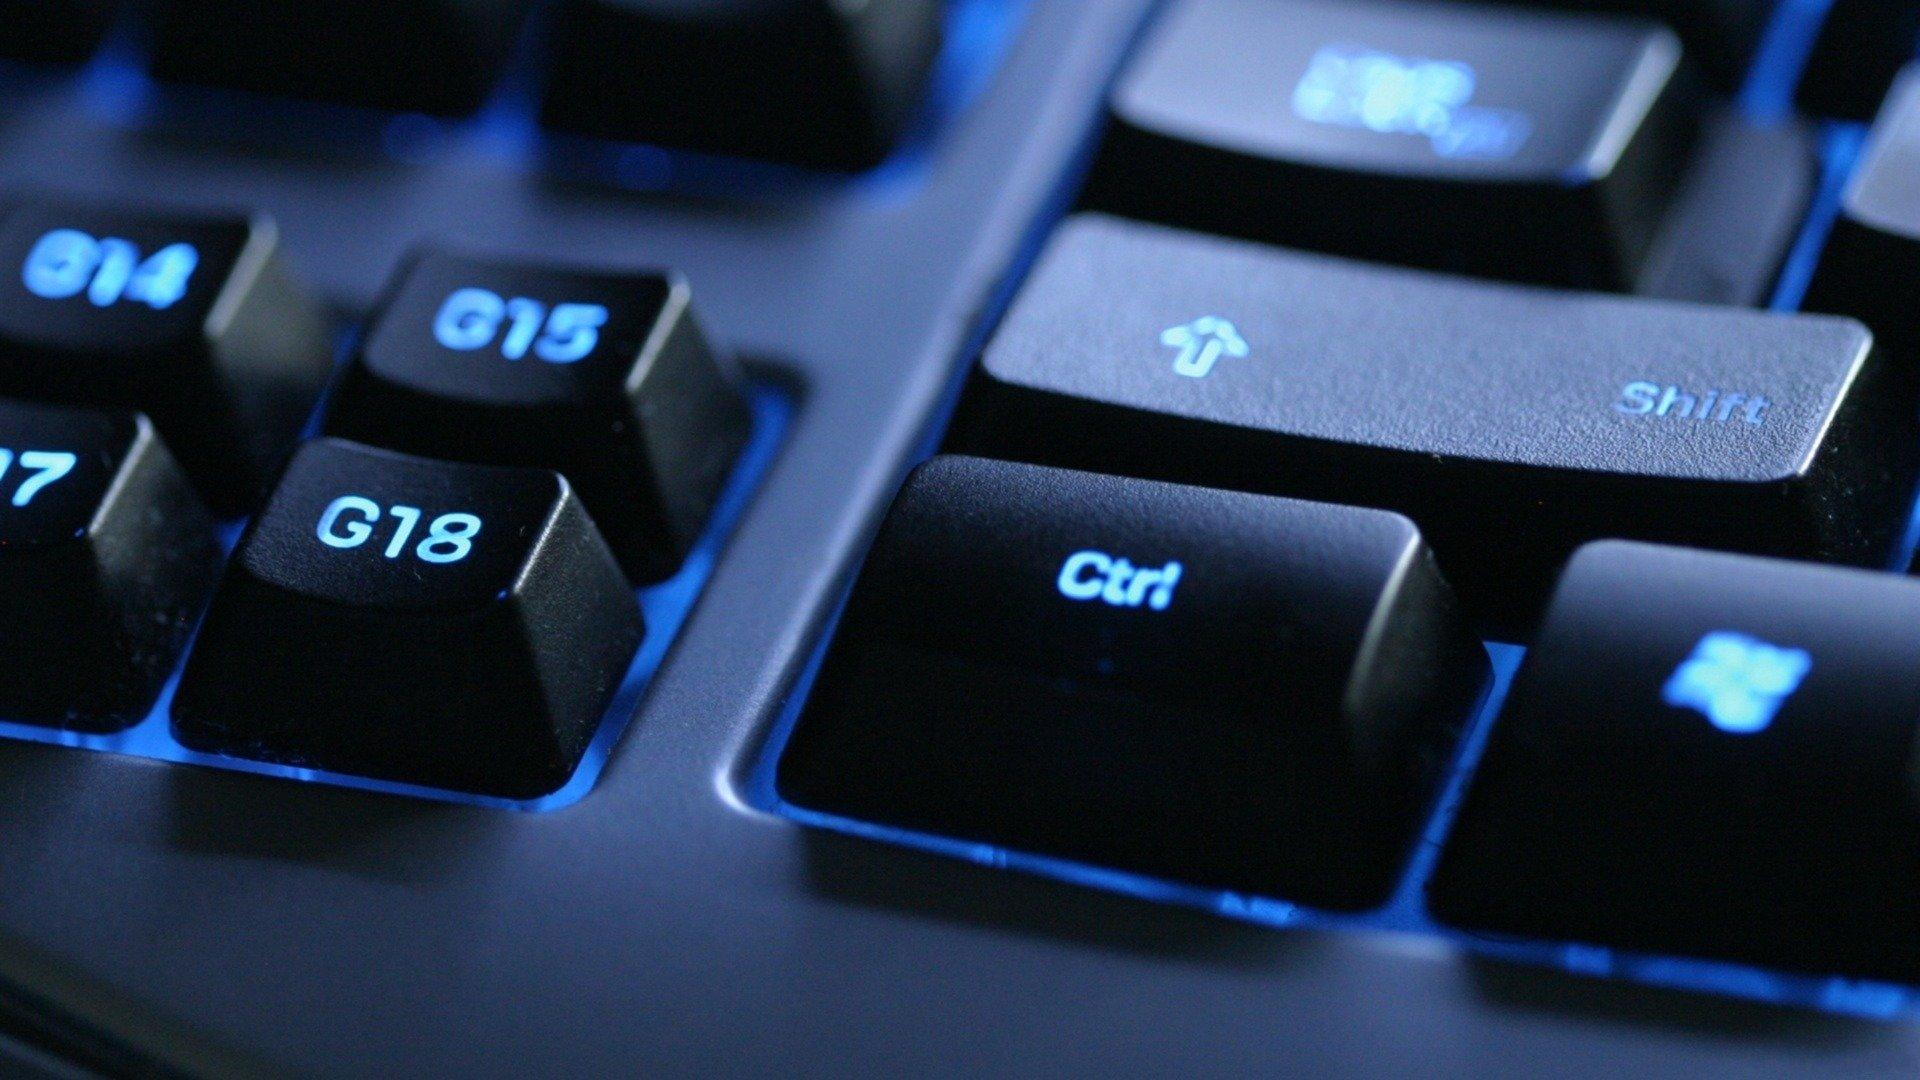 Keyboard Wallpapers 1920x1080 Full Hd 1080p Desktop Backgrounds